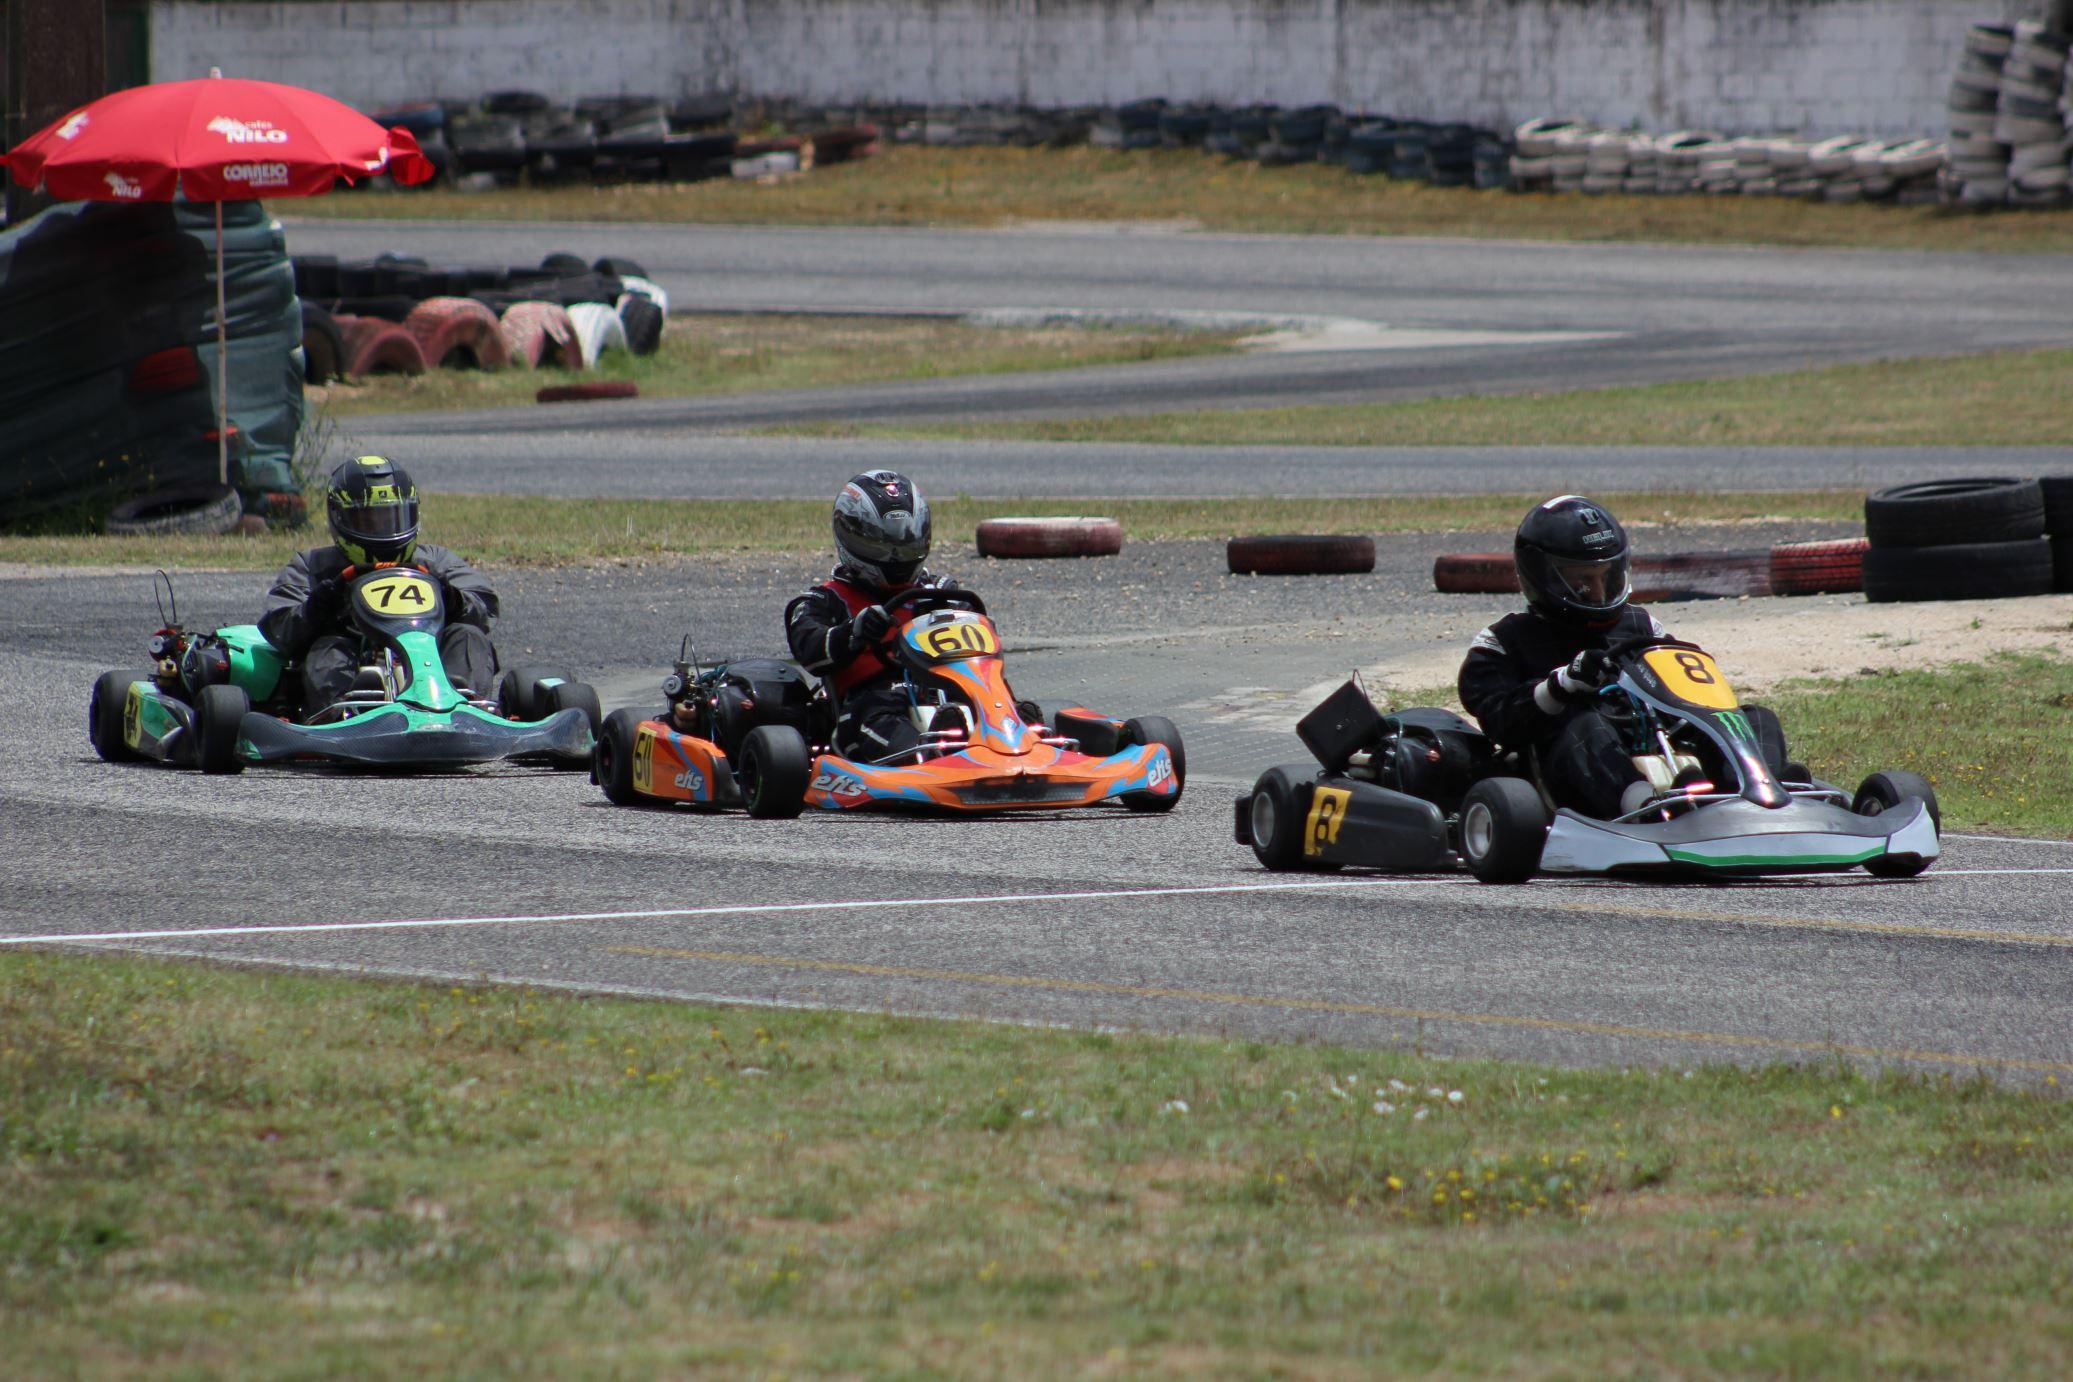 Troféu Honda 2014 - 2ª Prova168